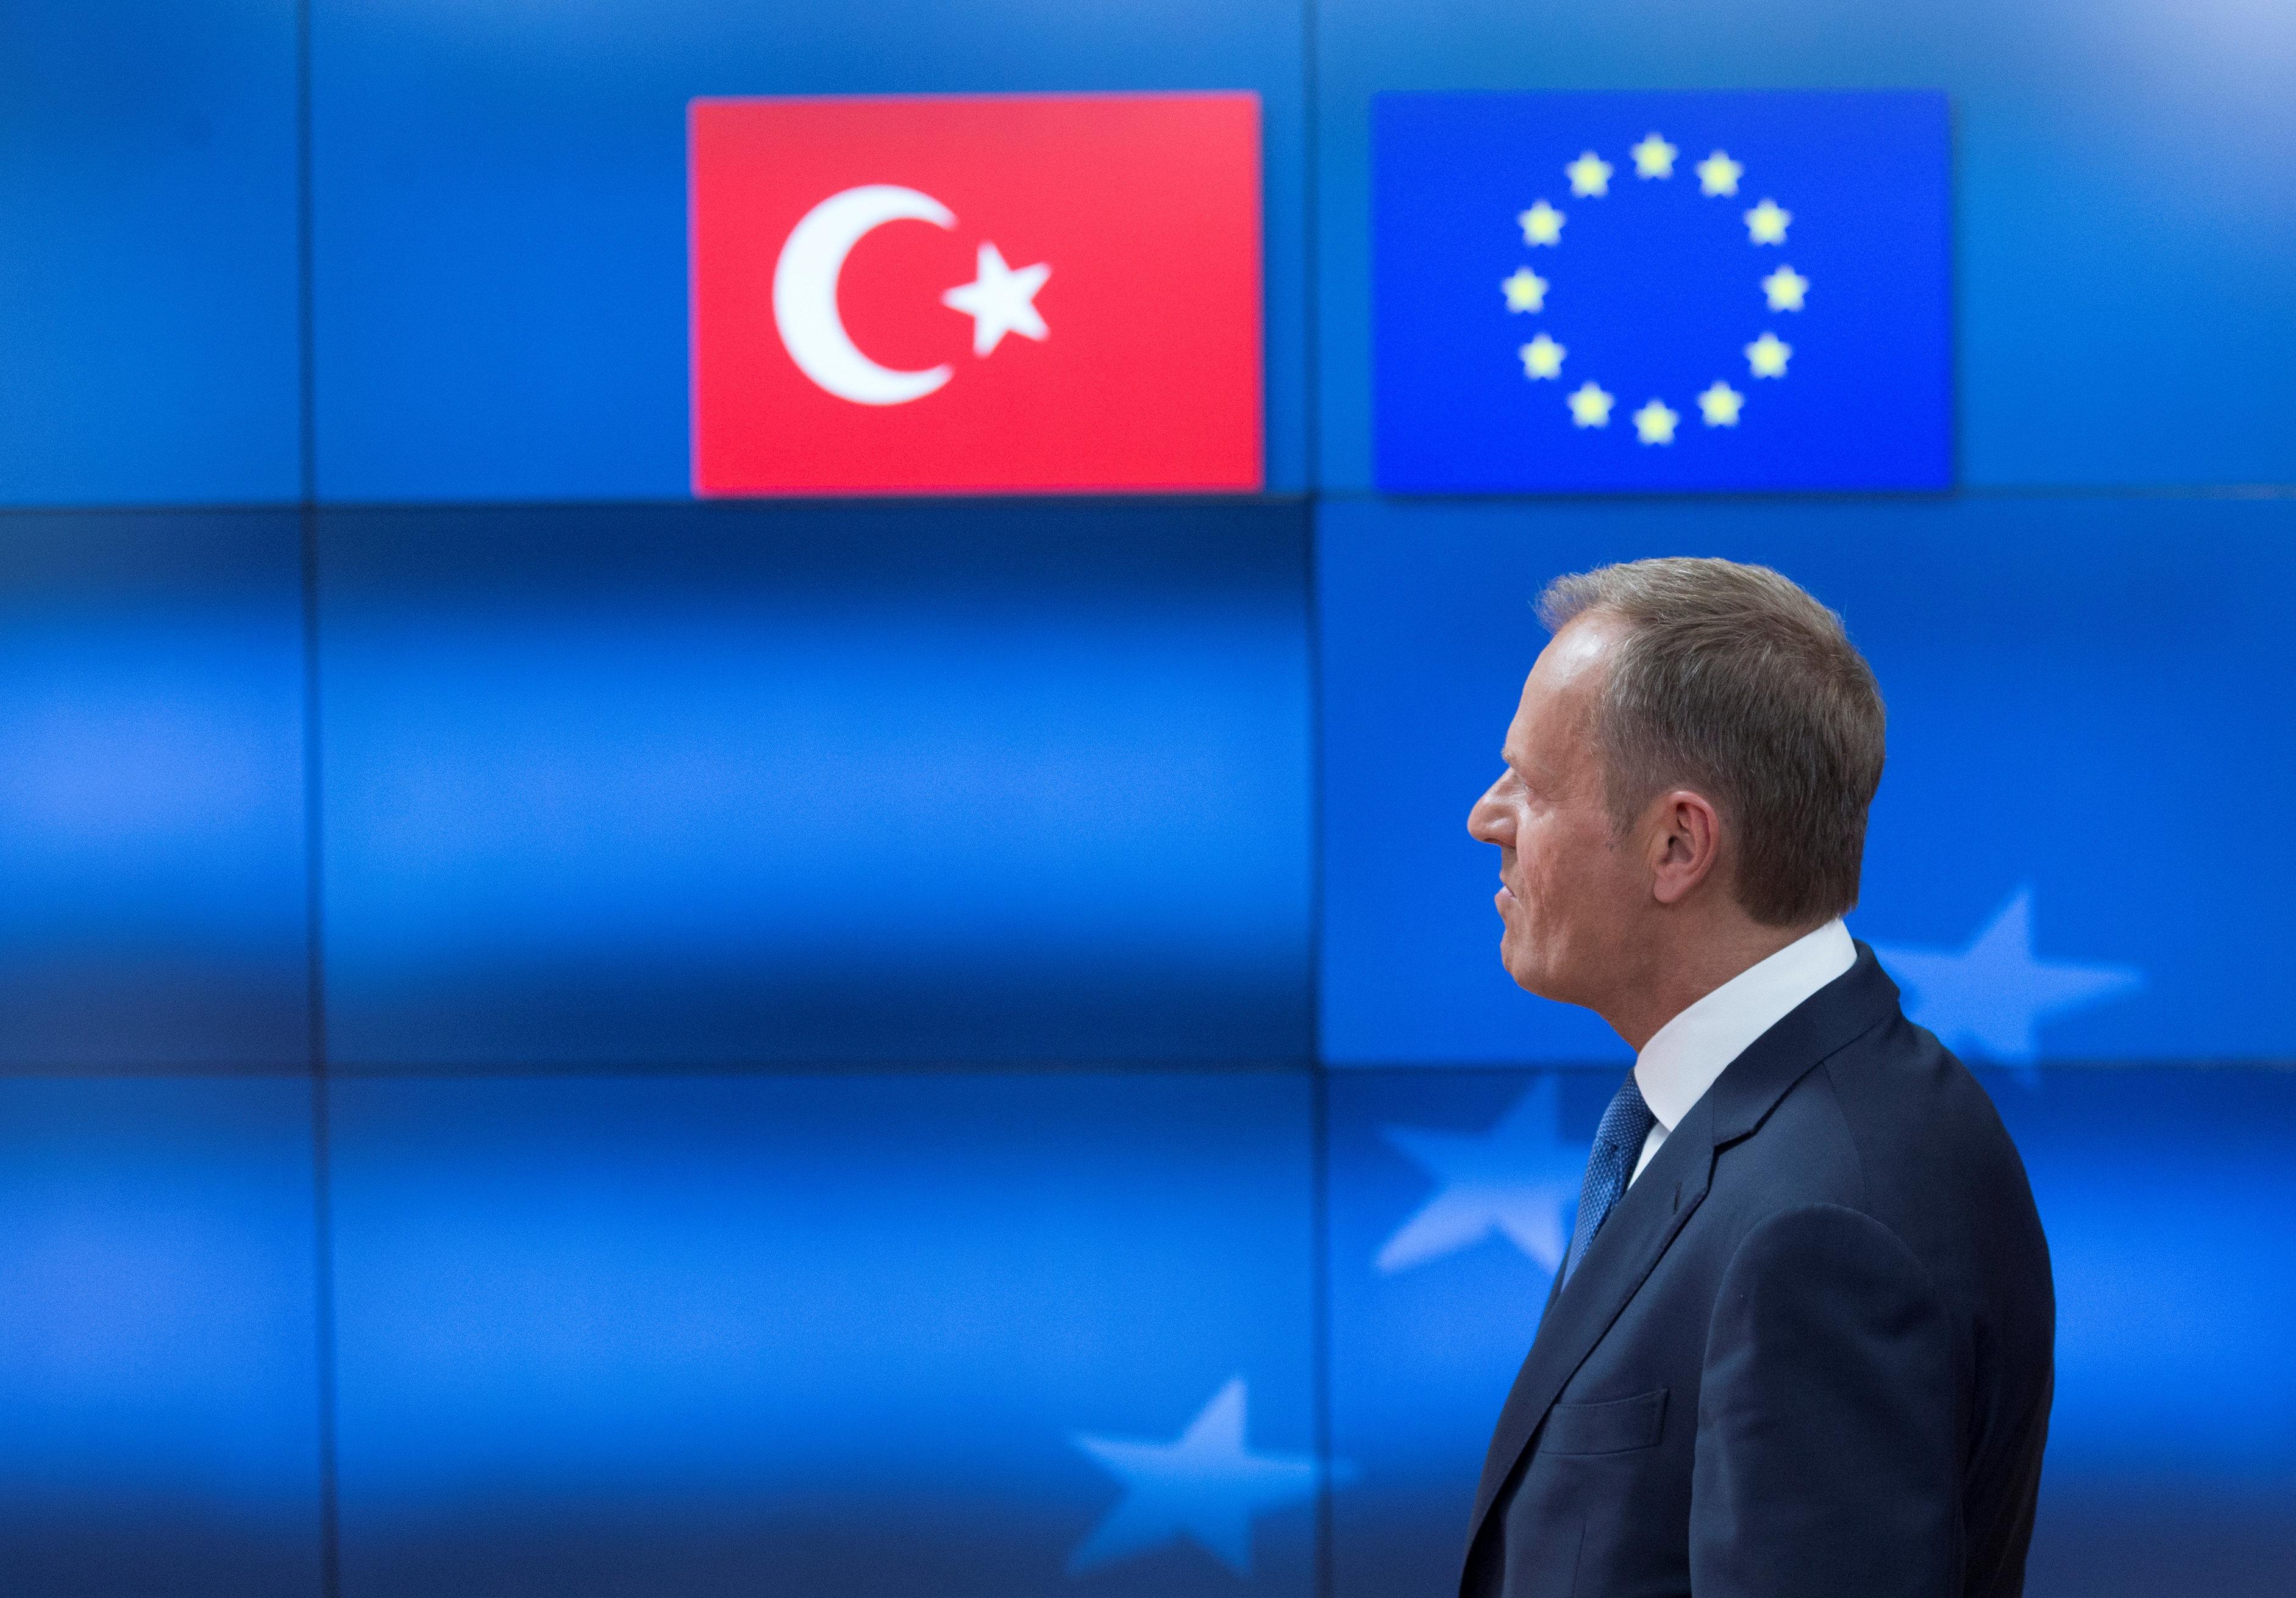 Τουσκ προς Τουρκία: Αποφύγετε απειλές εναντίον οποιουδήποτε μέλους της